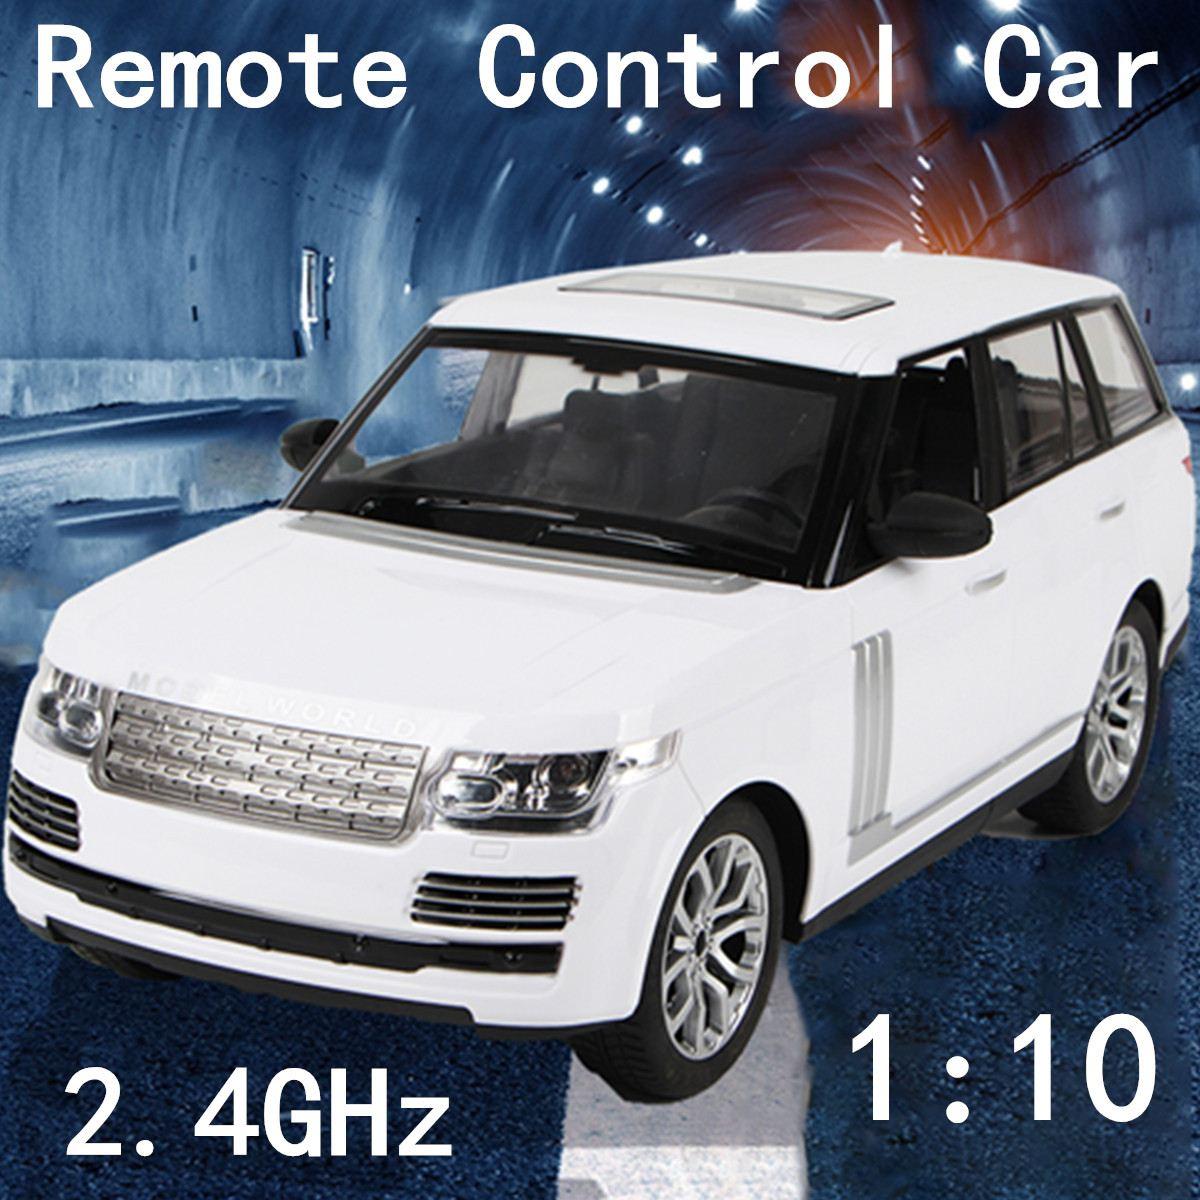 2.4 GHz télécommande voiture 1:10 échelle RC voiture jouet radiocommandé voiture modèle jouets enfants garçons cadeaux enfants SUV véhicule 40x17x15.5 cm